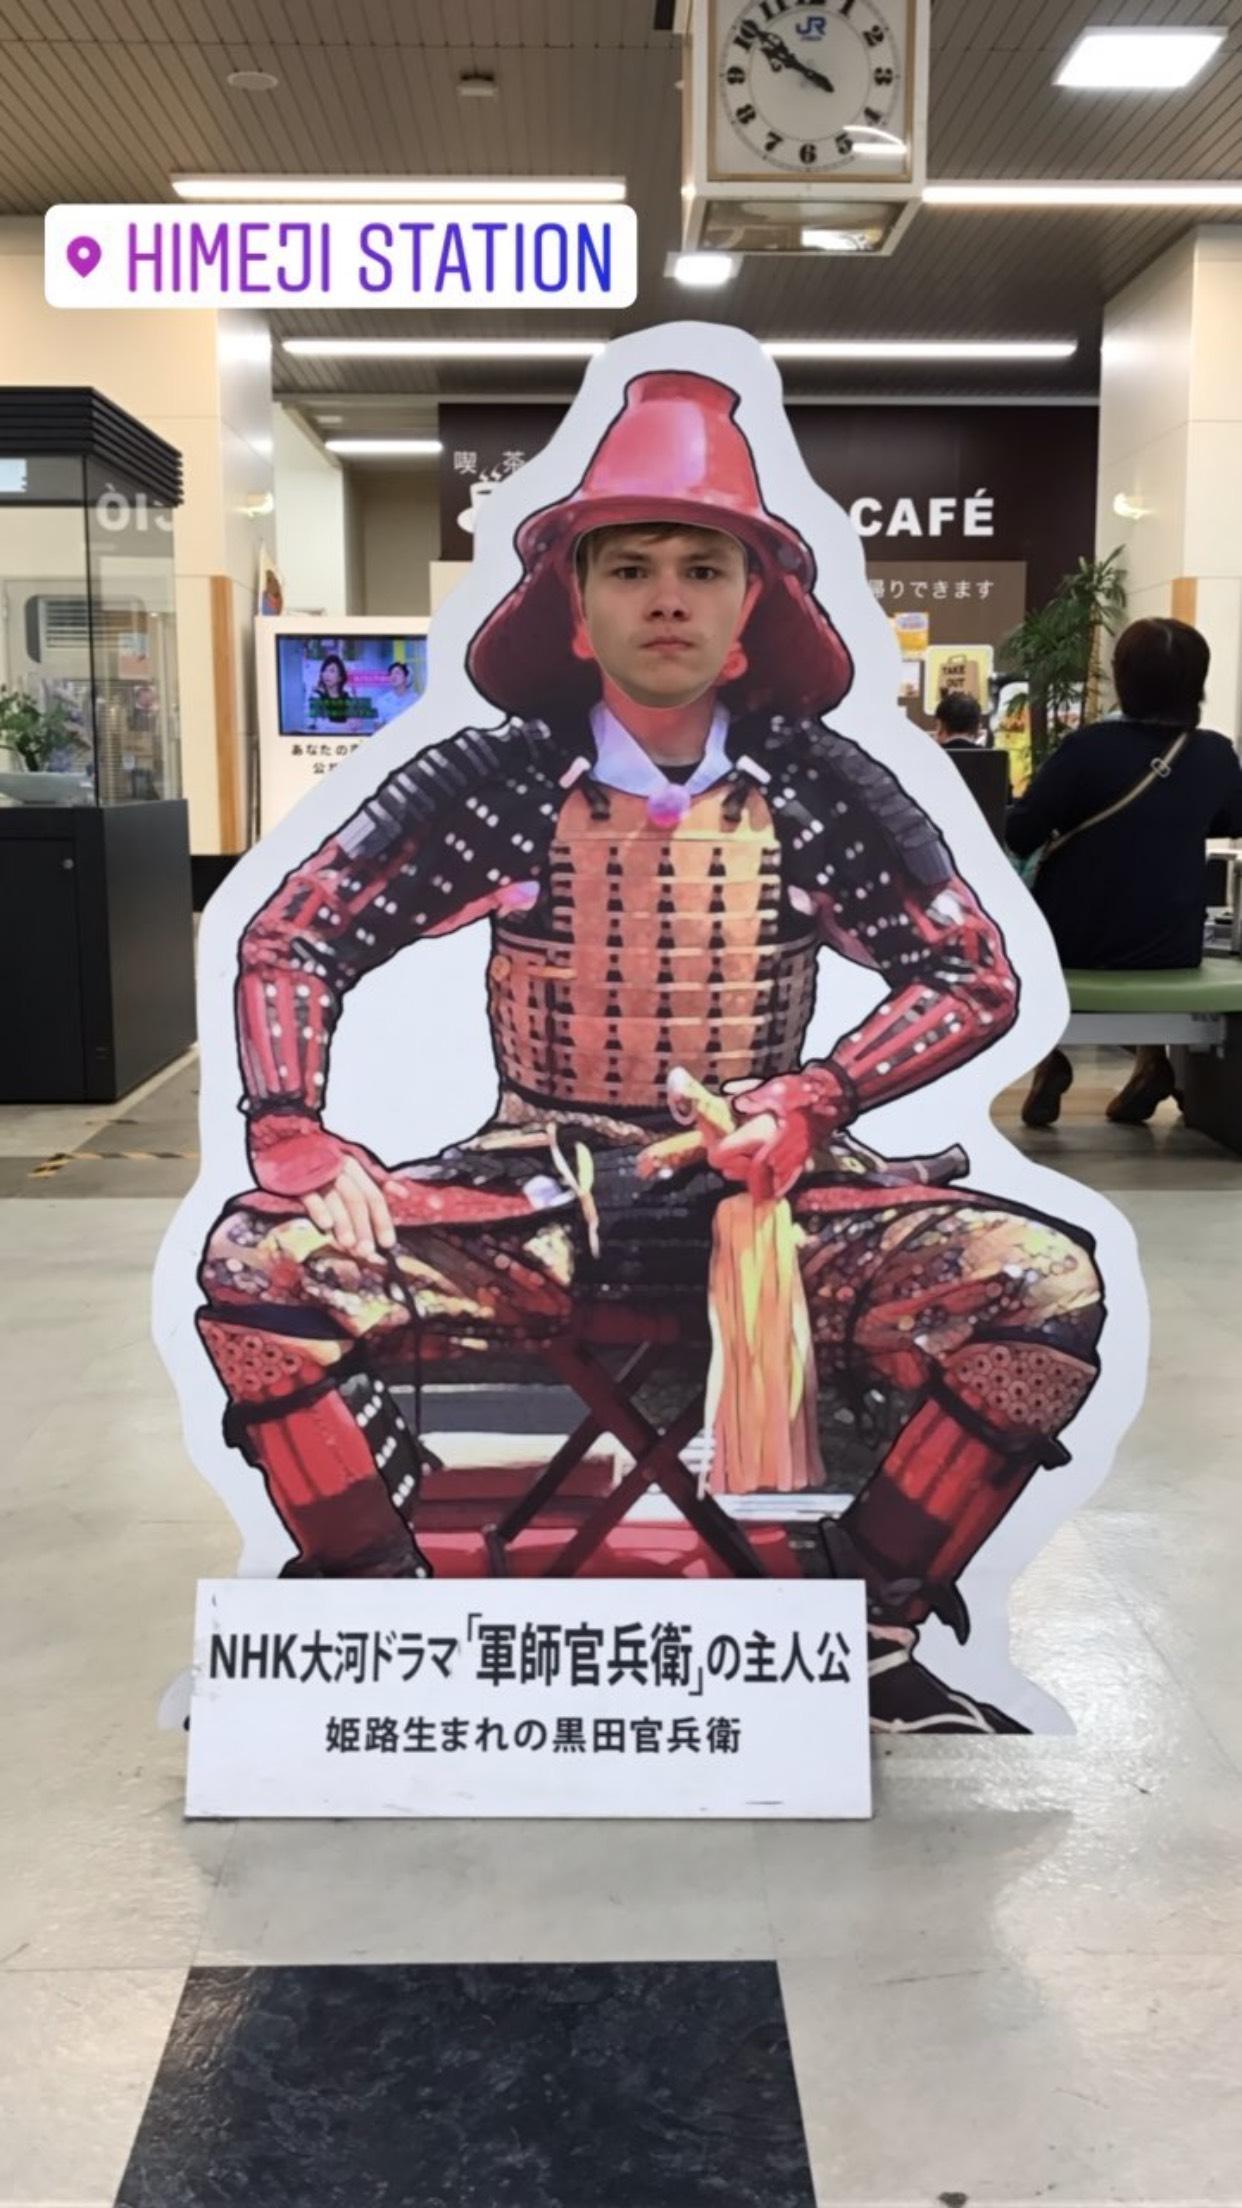 ラトデニ君が姫路城で旅行を満喫。広島にも足を運び日本滞在を楽しんでるみたいだ